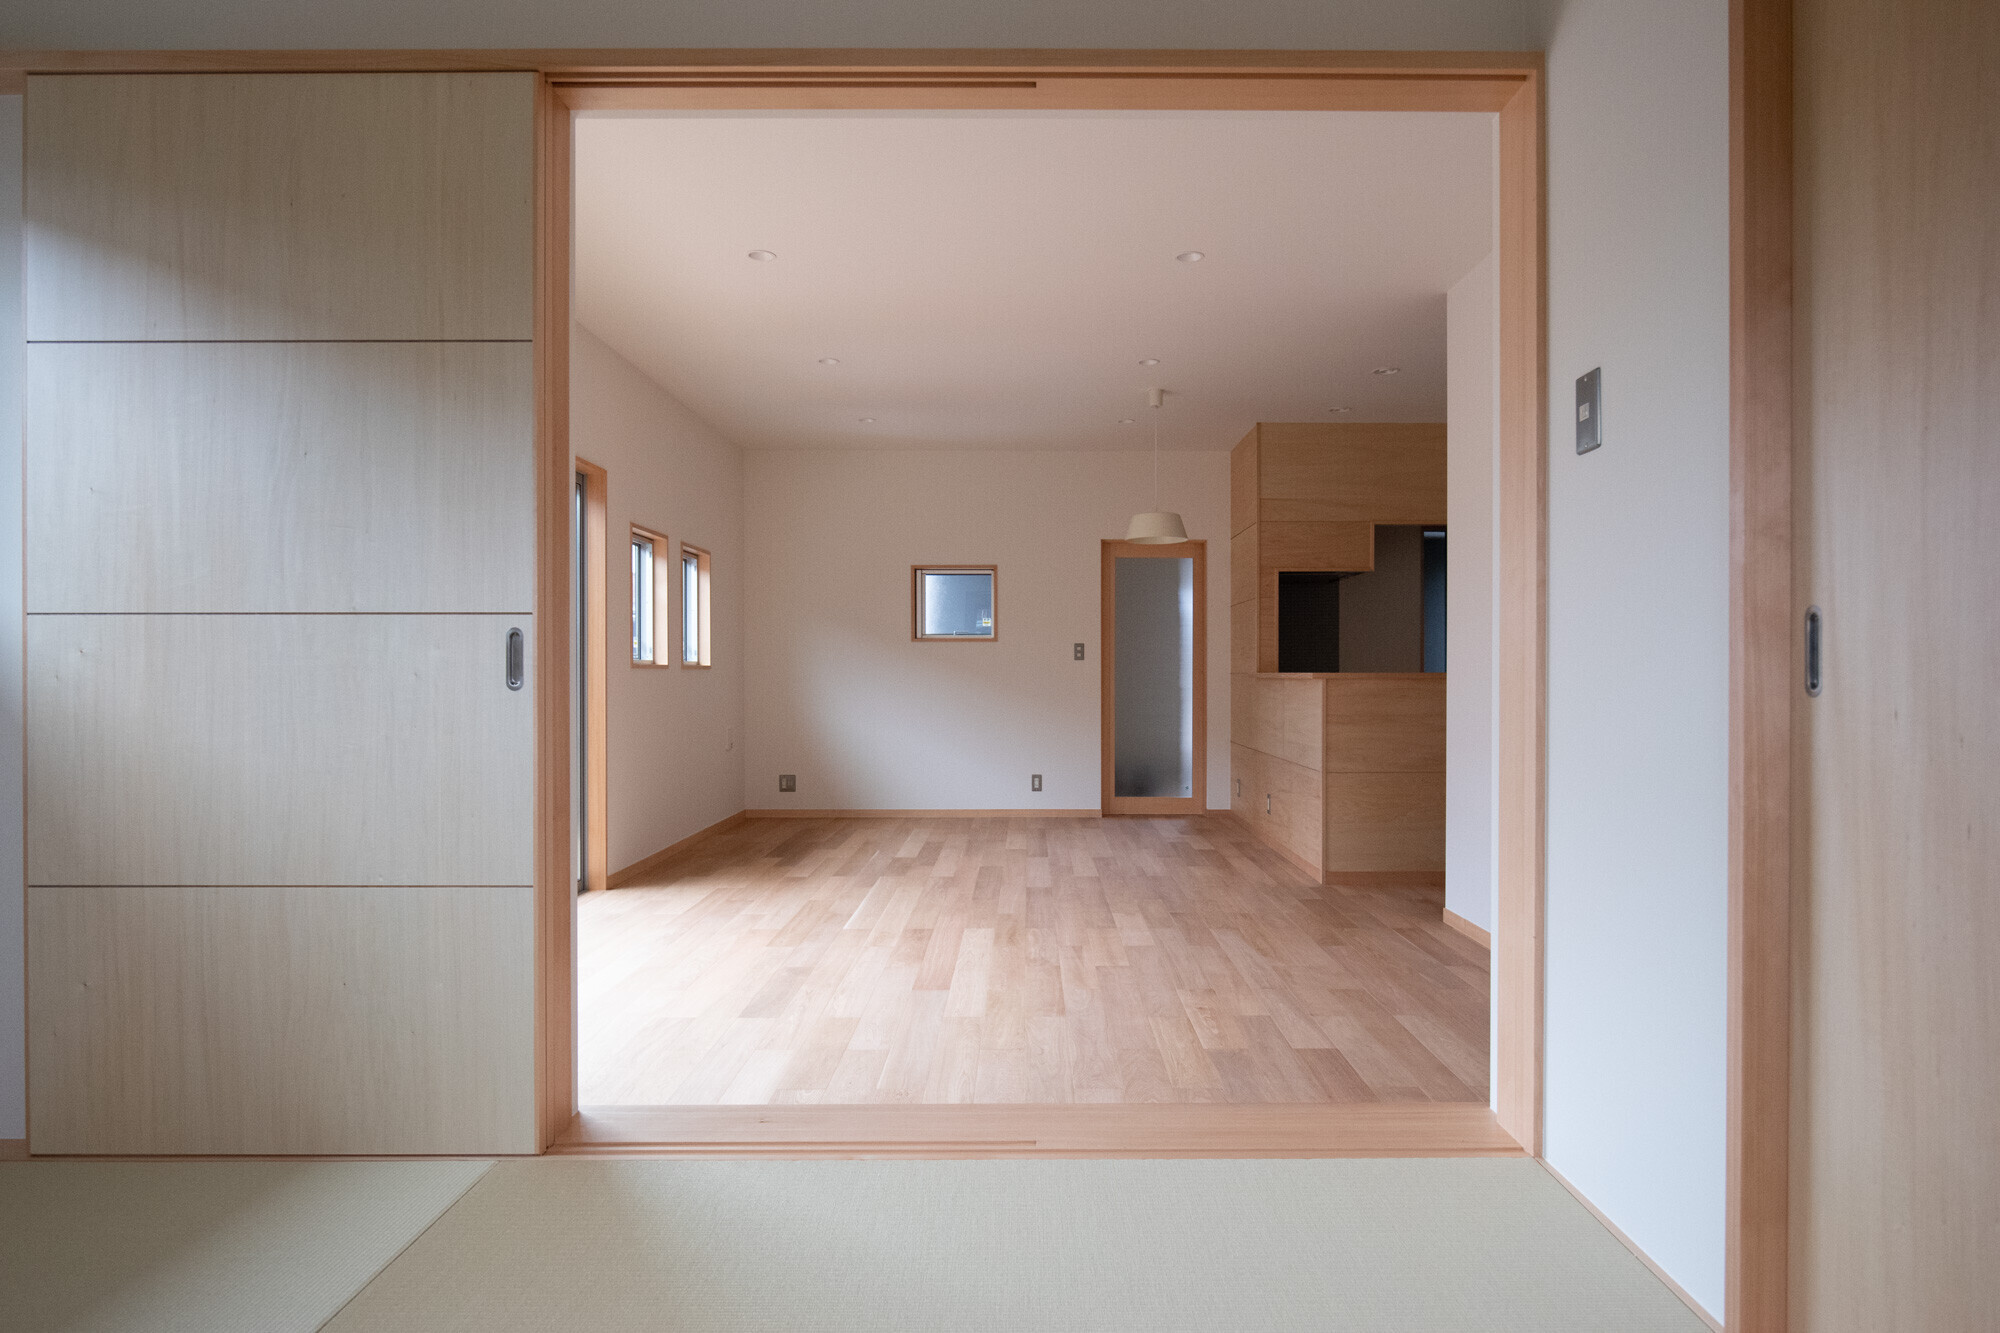 子育て世代のシンプルな家づくりの建築事例写真